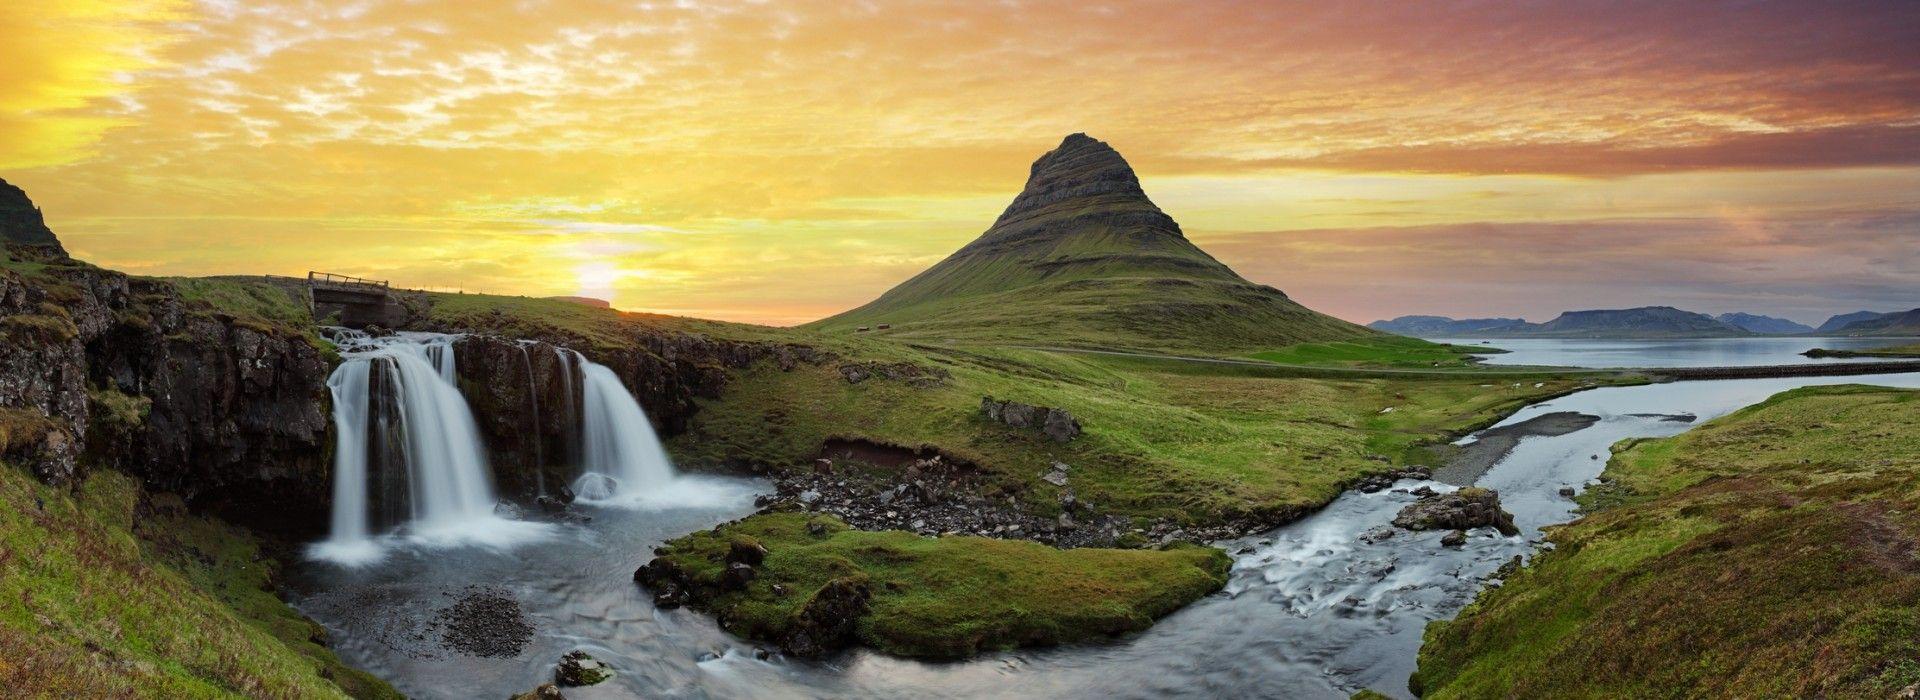 Trekking Tours in Reykjavik